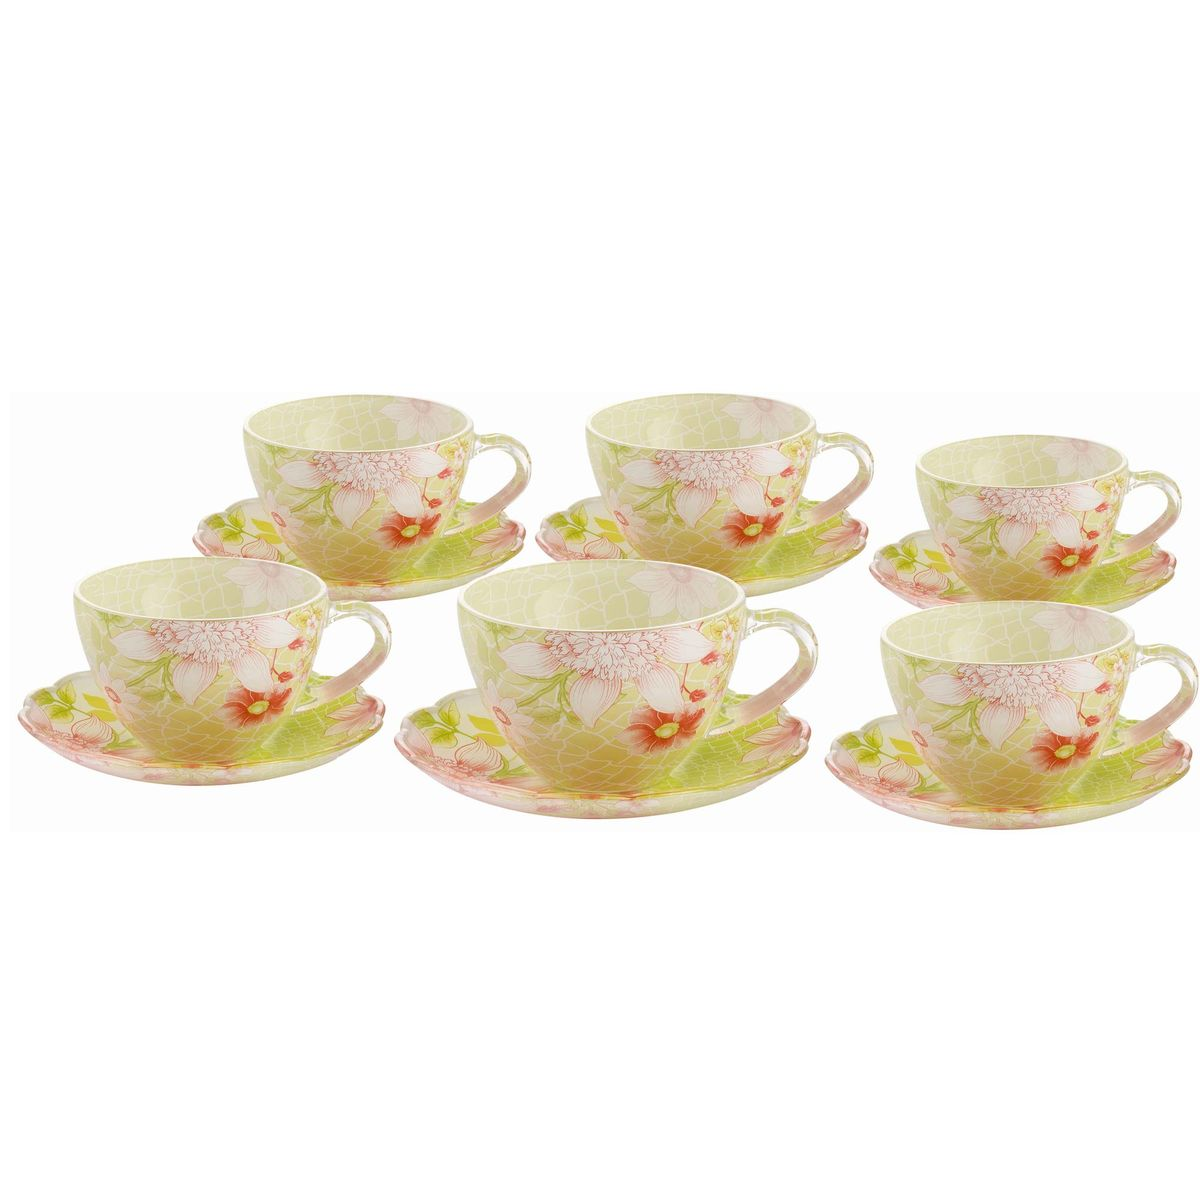 Набор чайный BK-5849 12прBK-584912пр.: чашка - 6шт. (200мл), блюдце - 6шт. (13,5см). Подарочнаяупаковка. Состав: стекло.